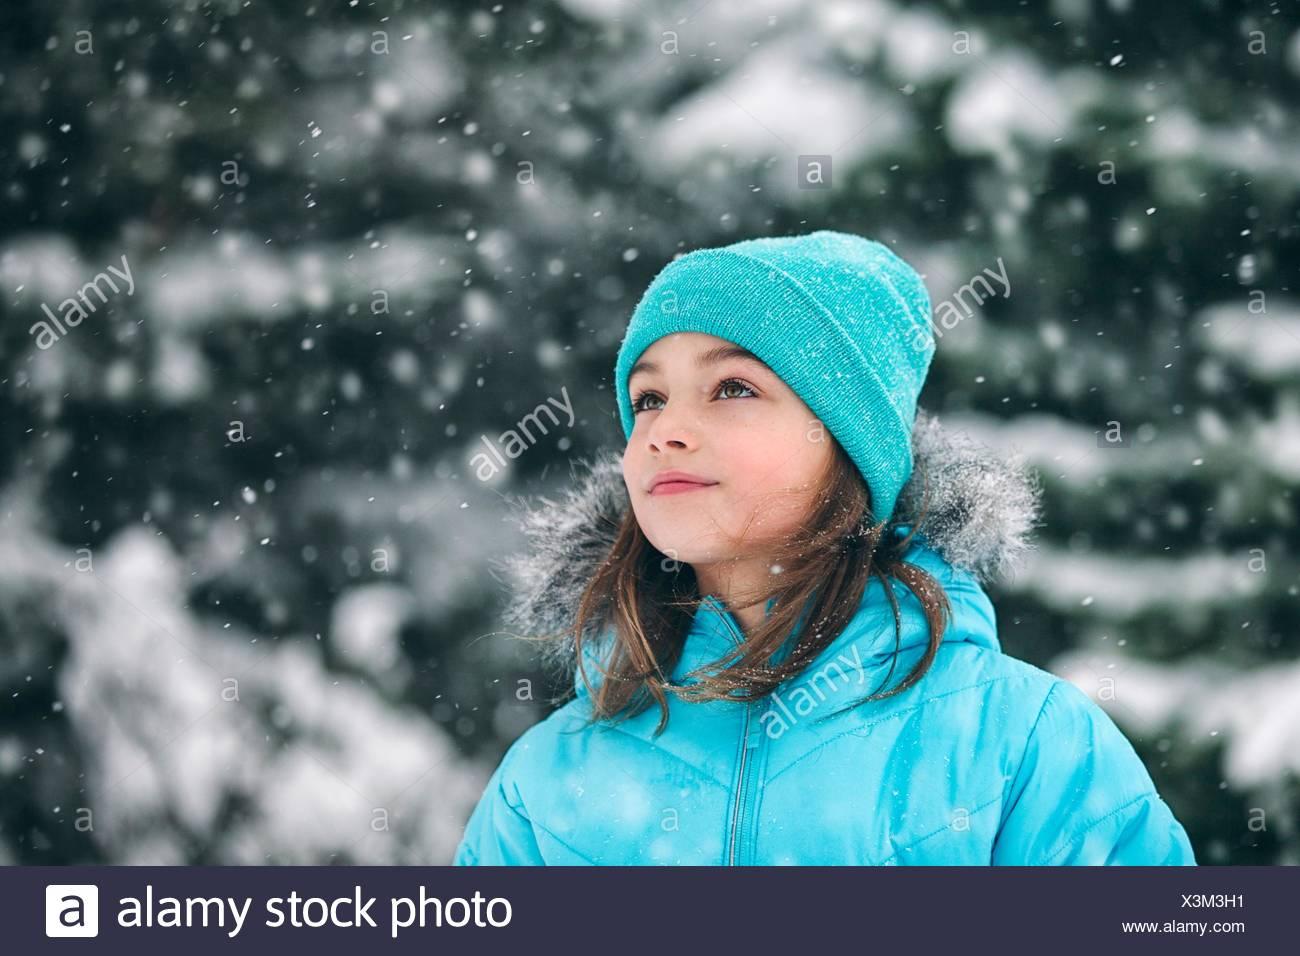 Ragazza indossando knit hat guardando lontano, nevicava Immagini Stock